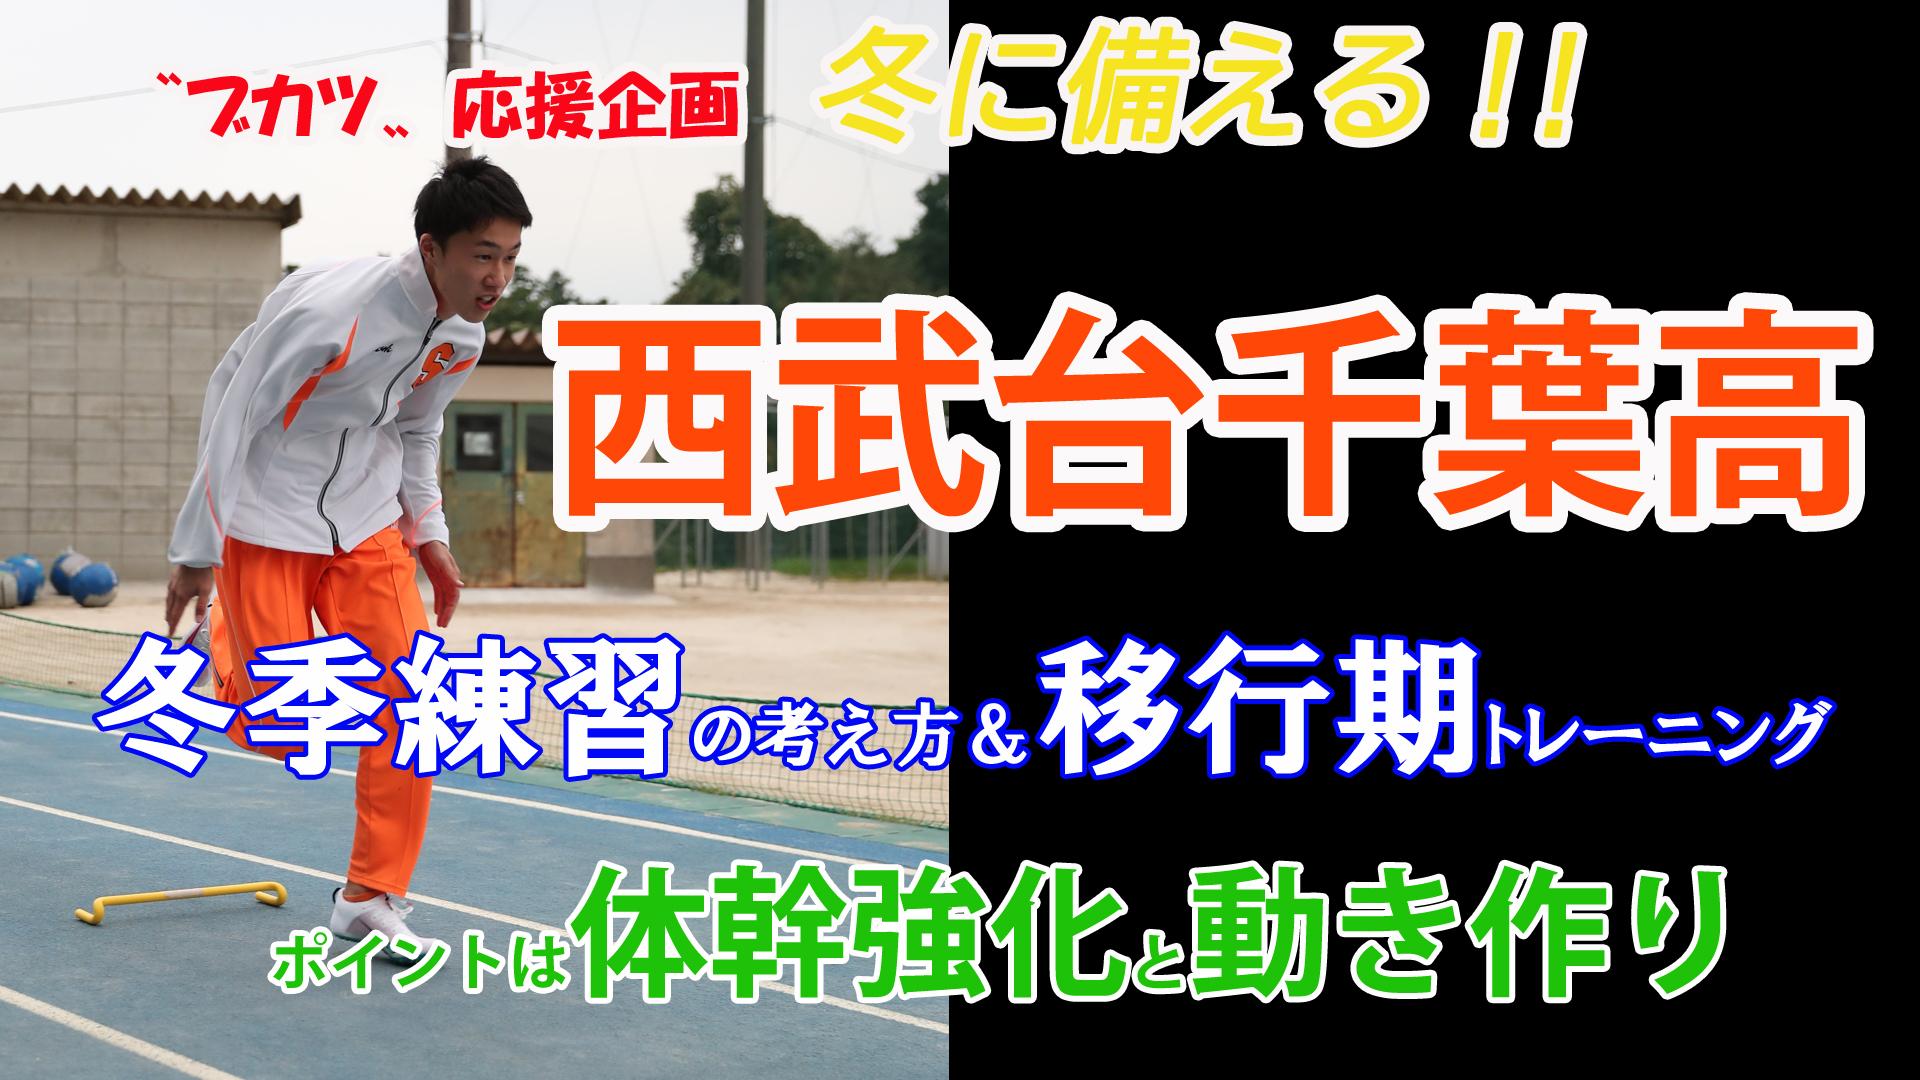 【トレーニング】冬に備える!西武台千葉高の移行期トレーニング